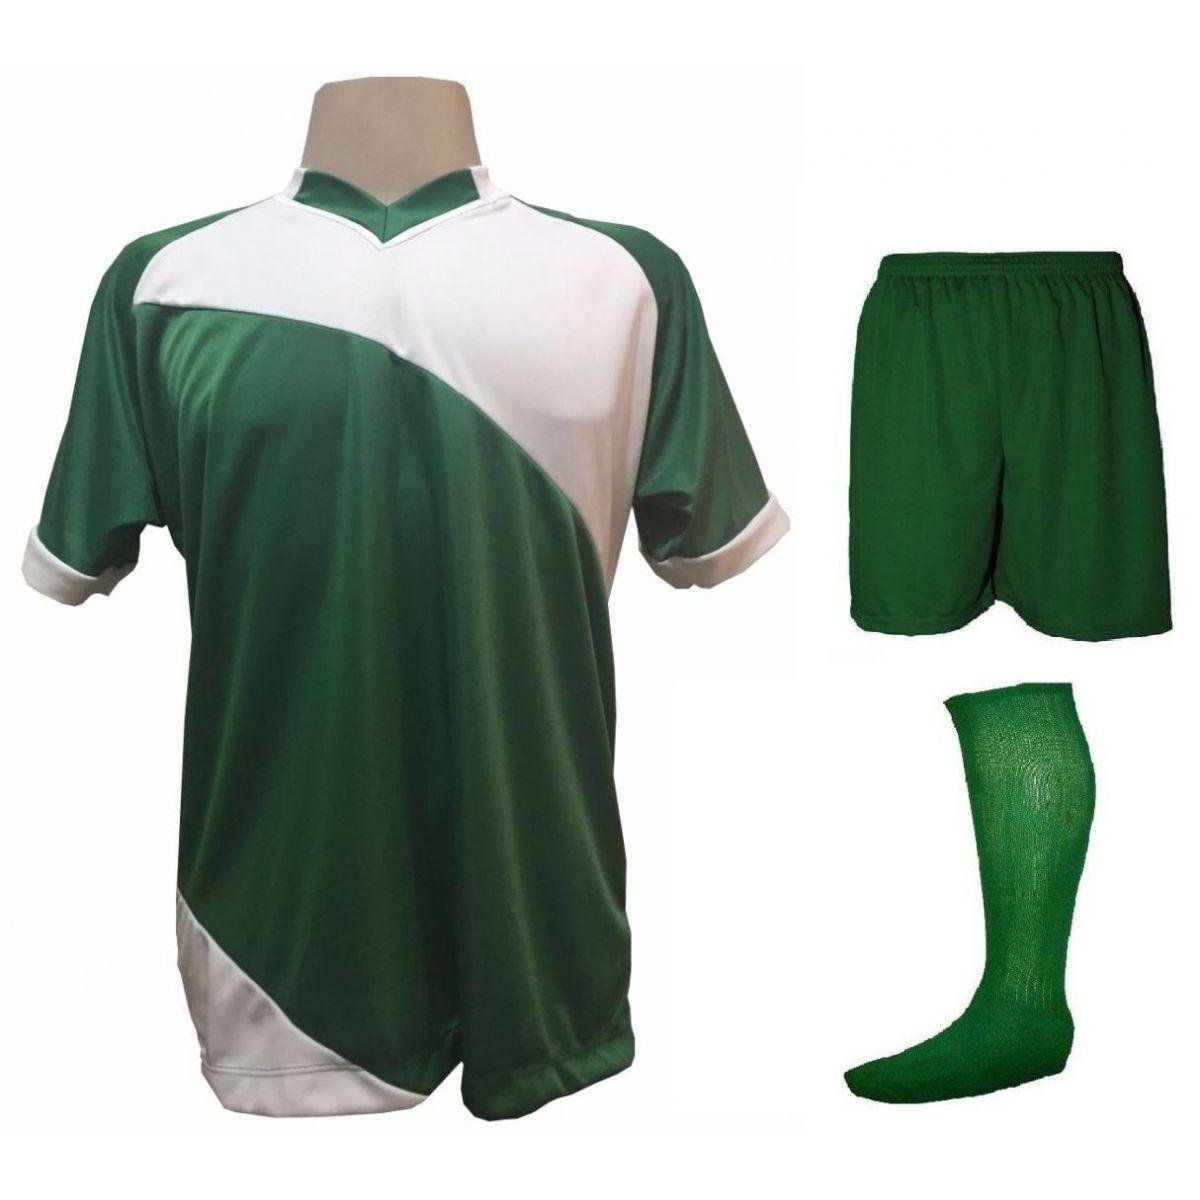 Uniforme Esportivo com 20 camisas modelo Bélgica Verde Branco + 20 calções  modelo Madrid Verde ... 303b47c1cfeca